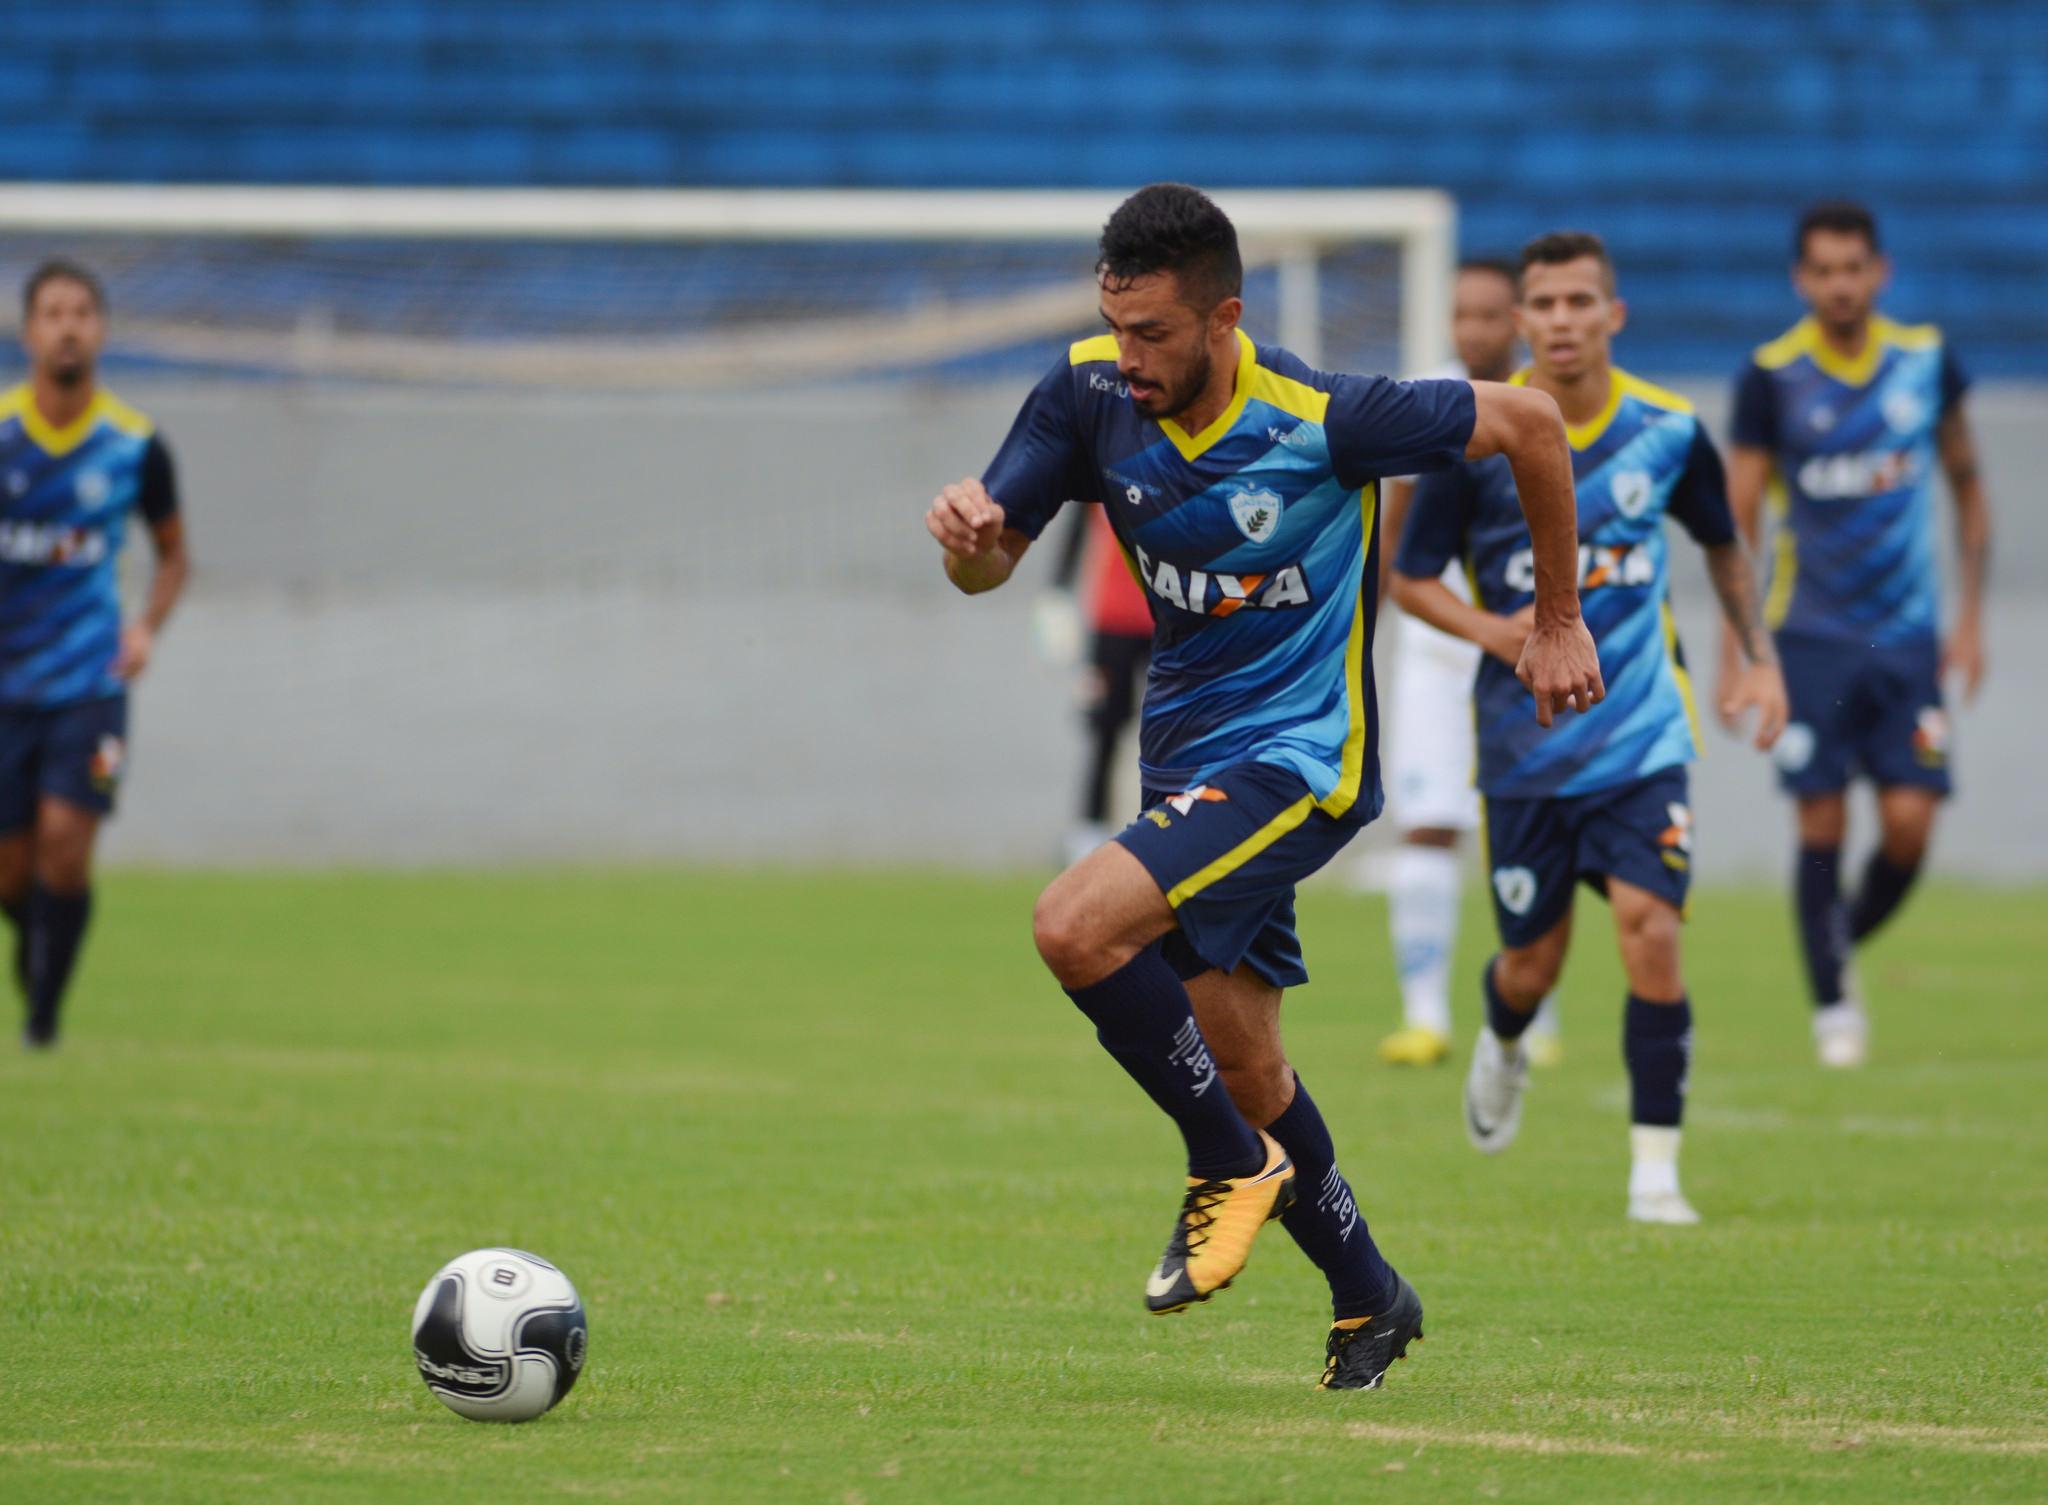 Anderson Foto Gustavo Oliveira Londrina Esporte Clube